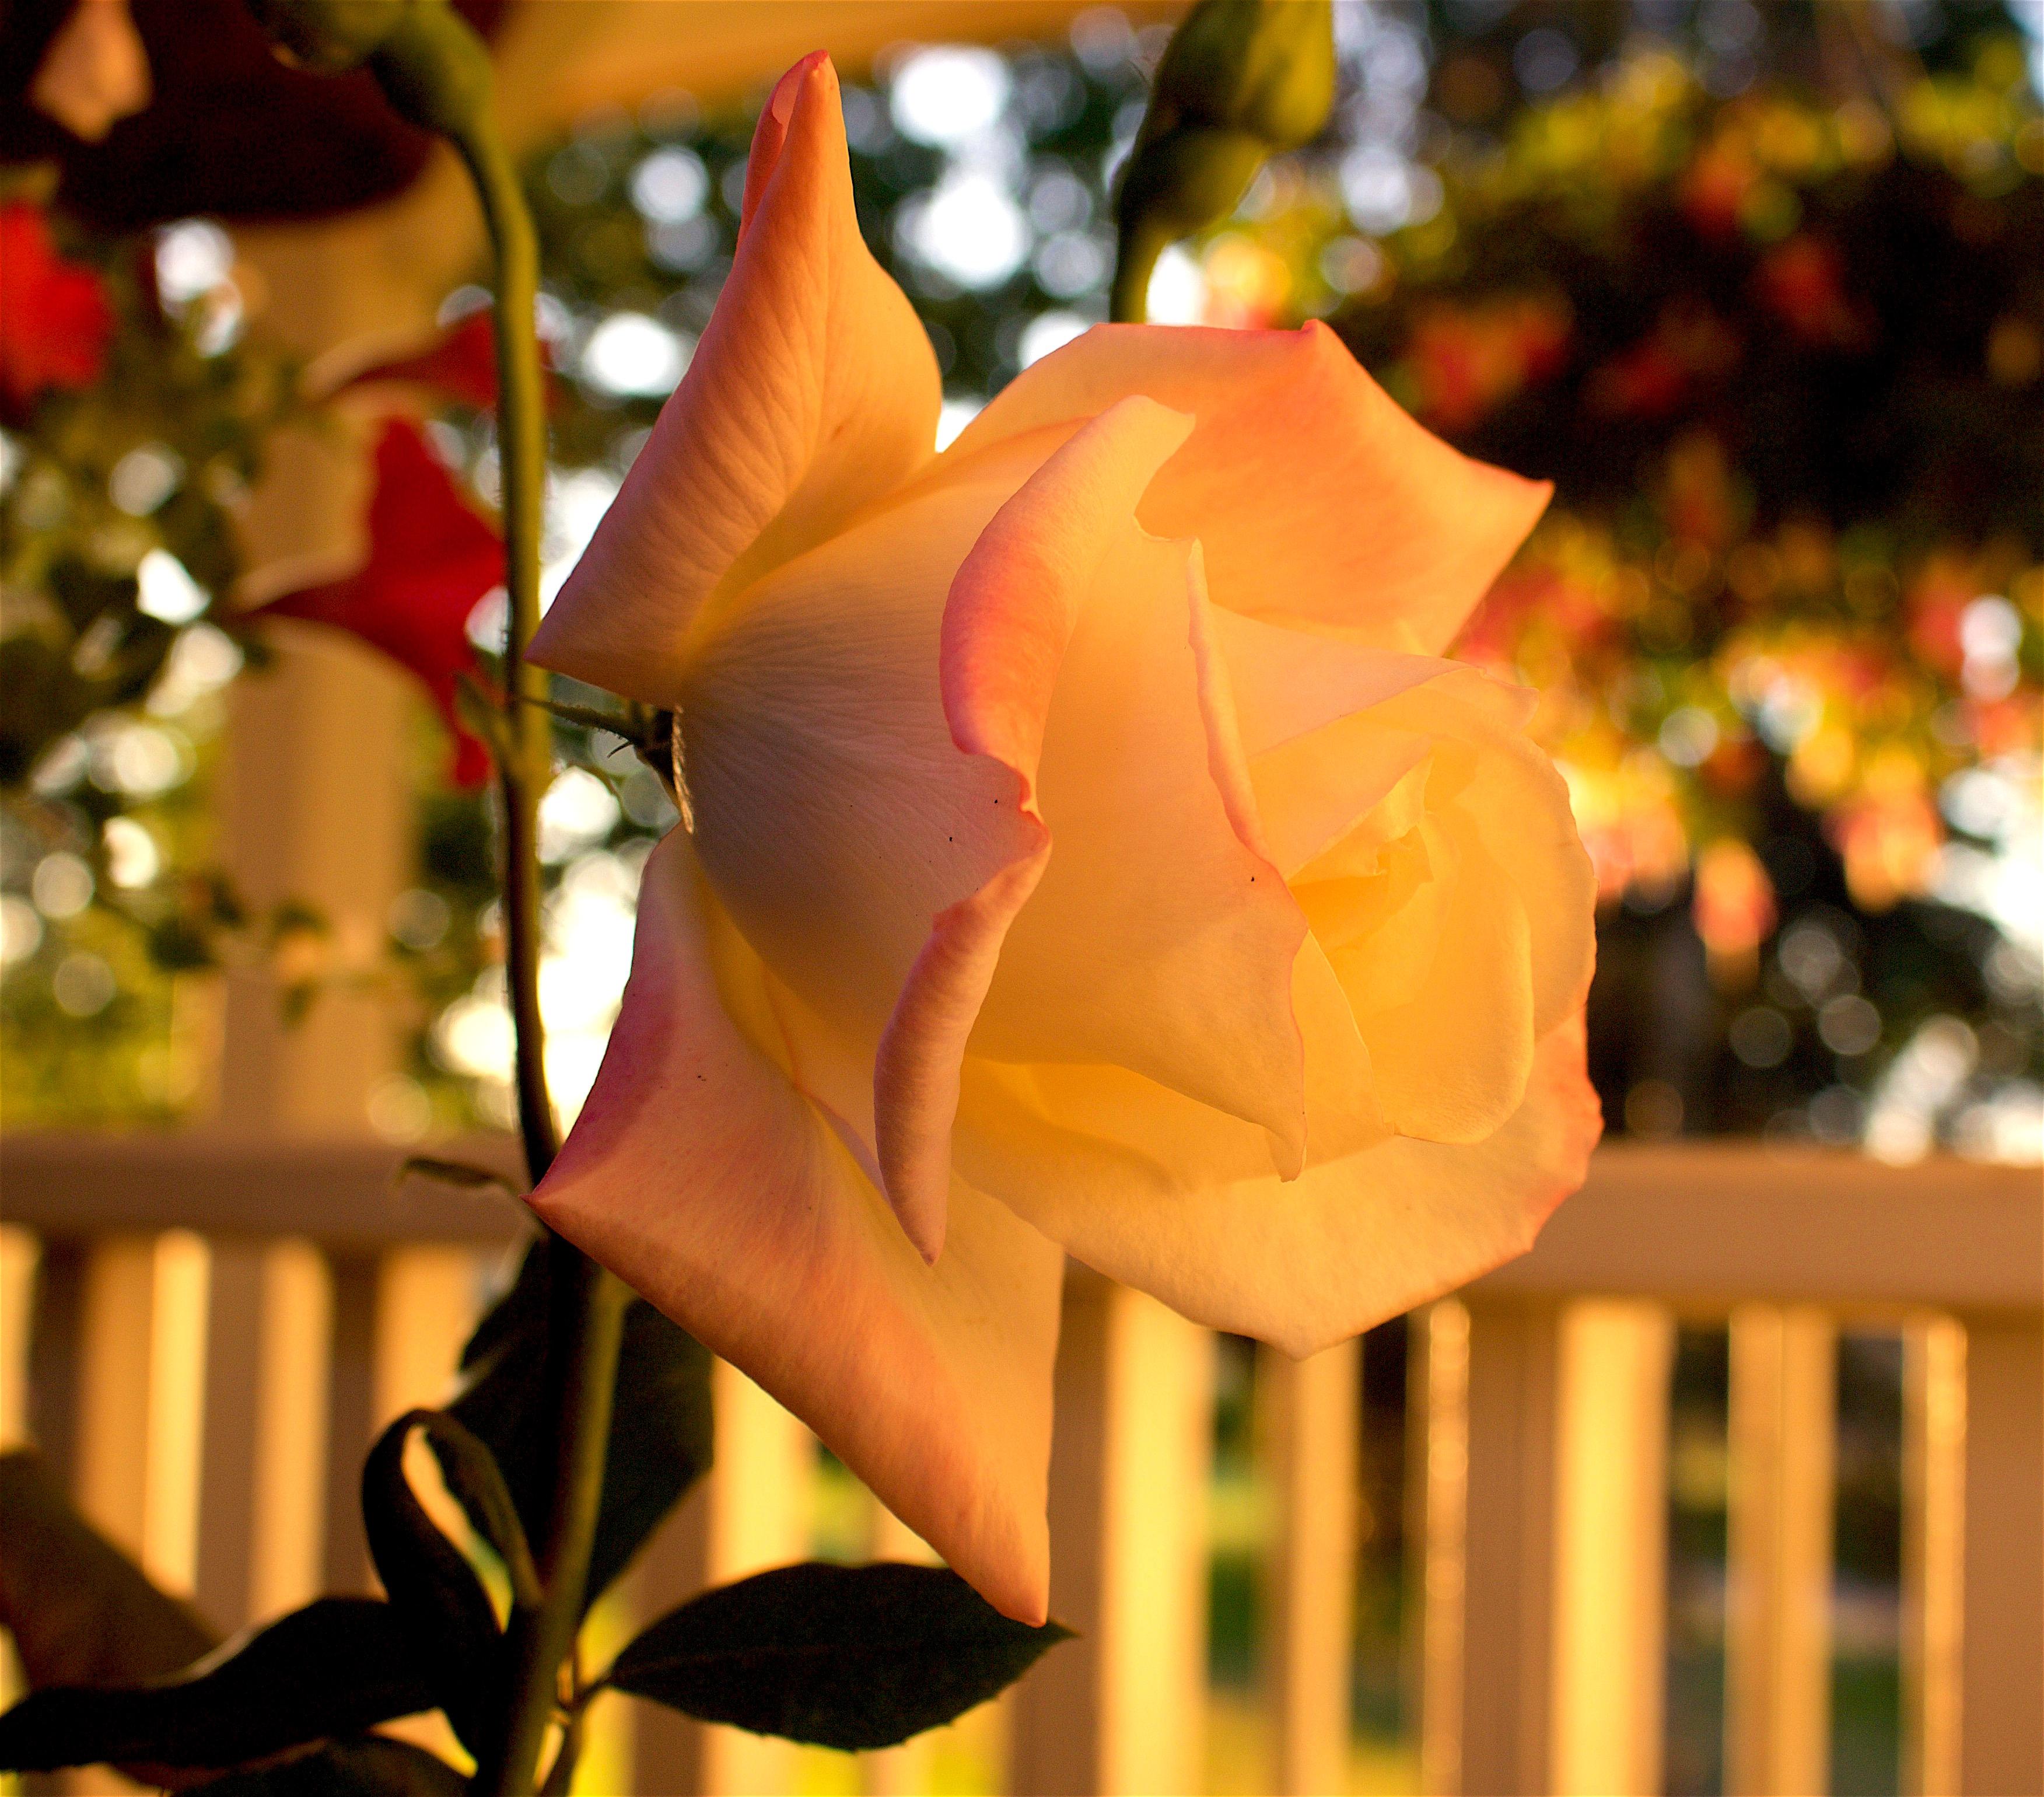 rose52916